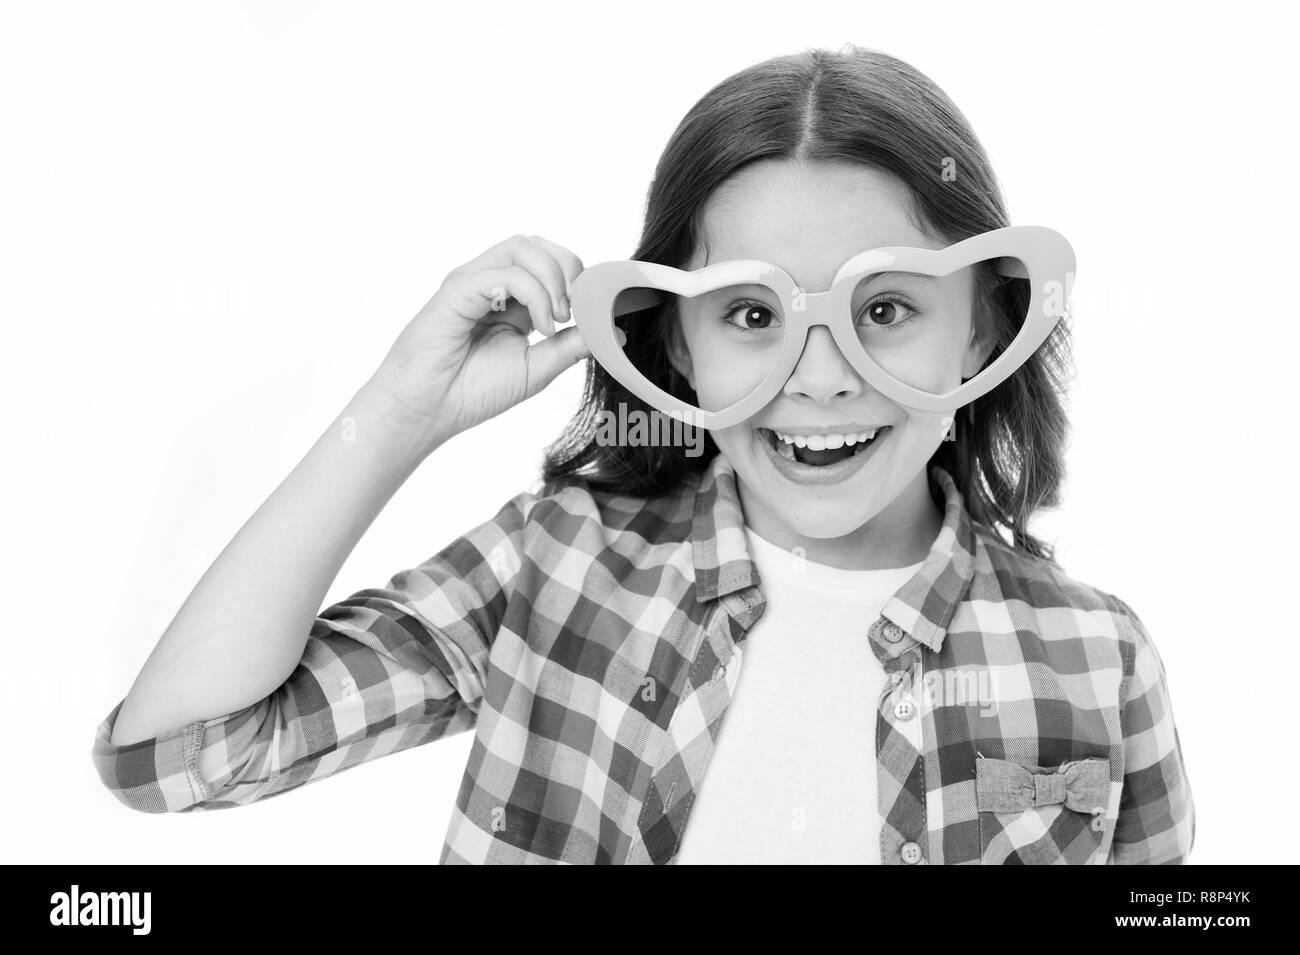 Dulce infancia. Niño feliz precioso siente simpatía. Niño encantadora sonrisa aislado fondo blanco. Chica gafas en forma de corazón celebra el día de San Valentín. Chica adorable rostro sonriente corazón gafas. Imagen De Stock